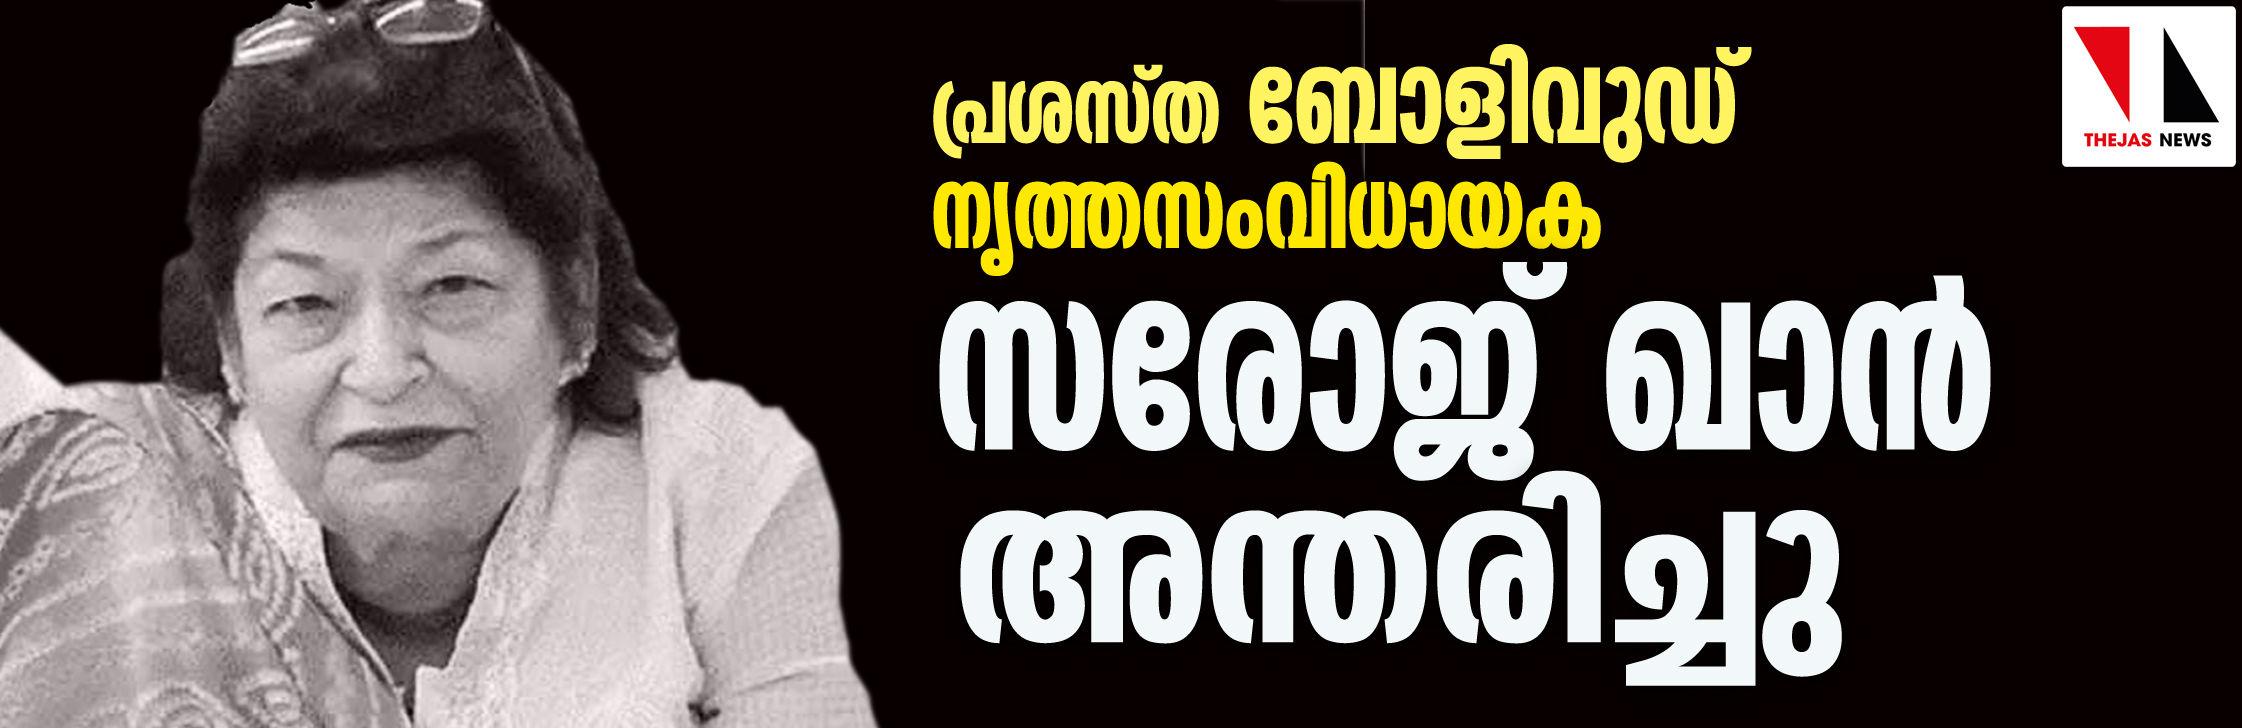 പ്രശസ്ത ബോളിവുഡ് നൃത്തസംവിധായക സരോജ് ഖാന് അന്തരിച്ചു